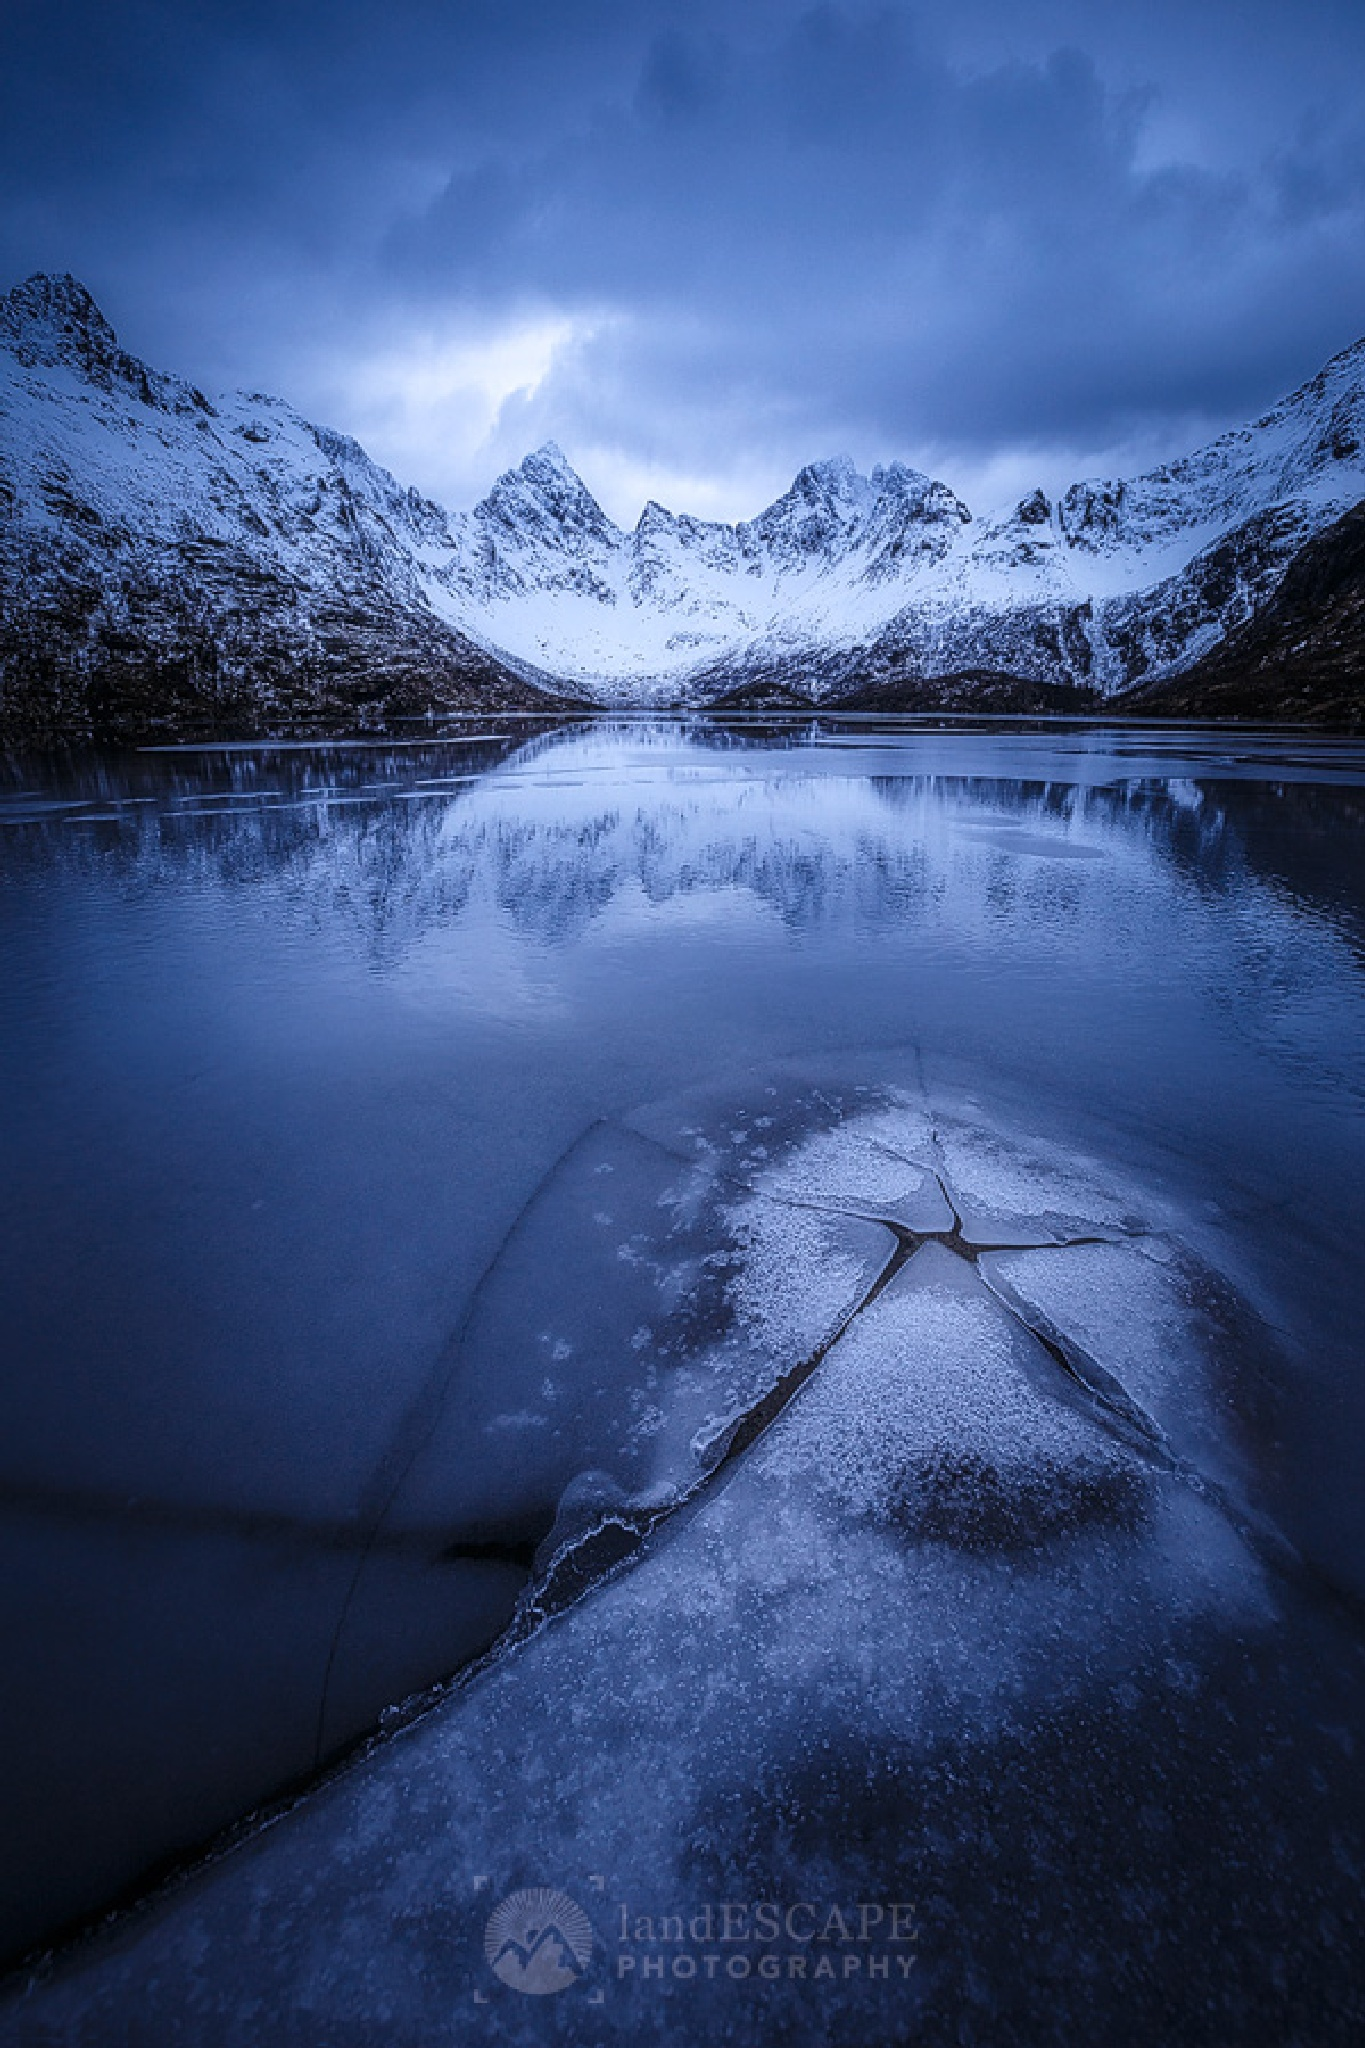 bleu by Jeff Lewis